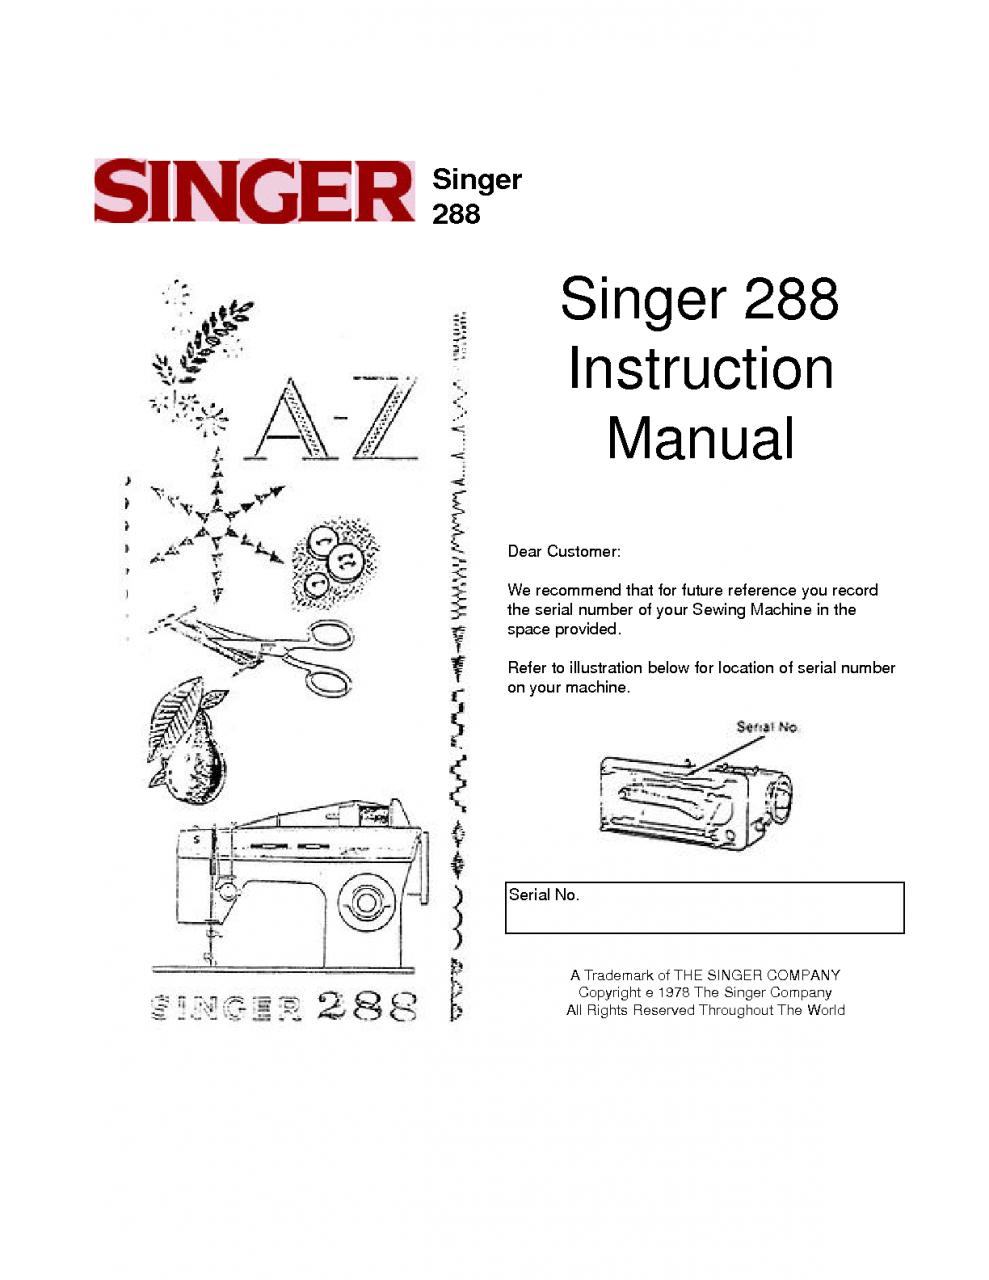 Singer Singer 288 instruction manual Sewing Machine PDF